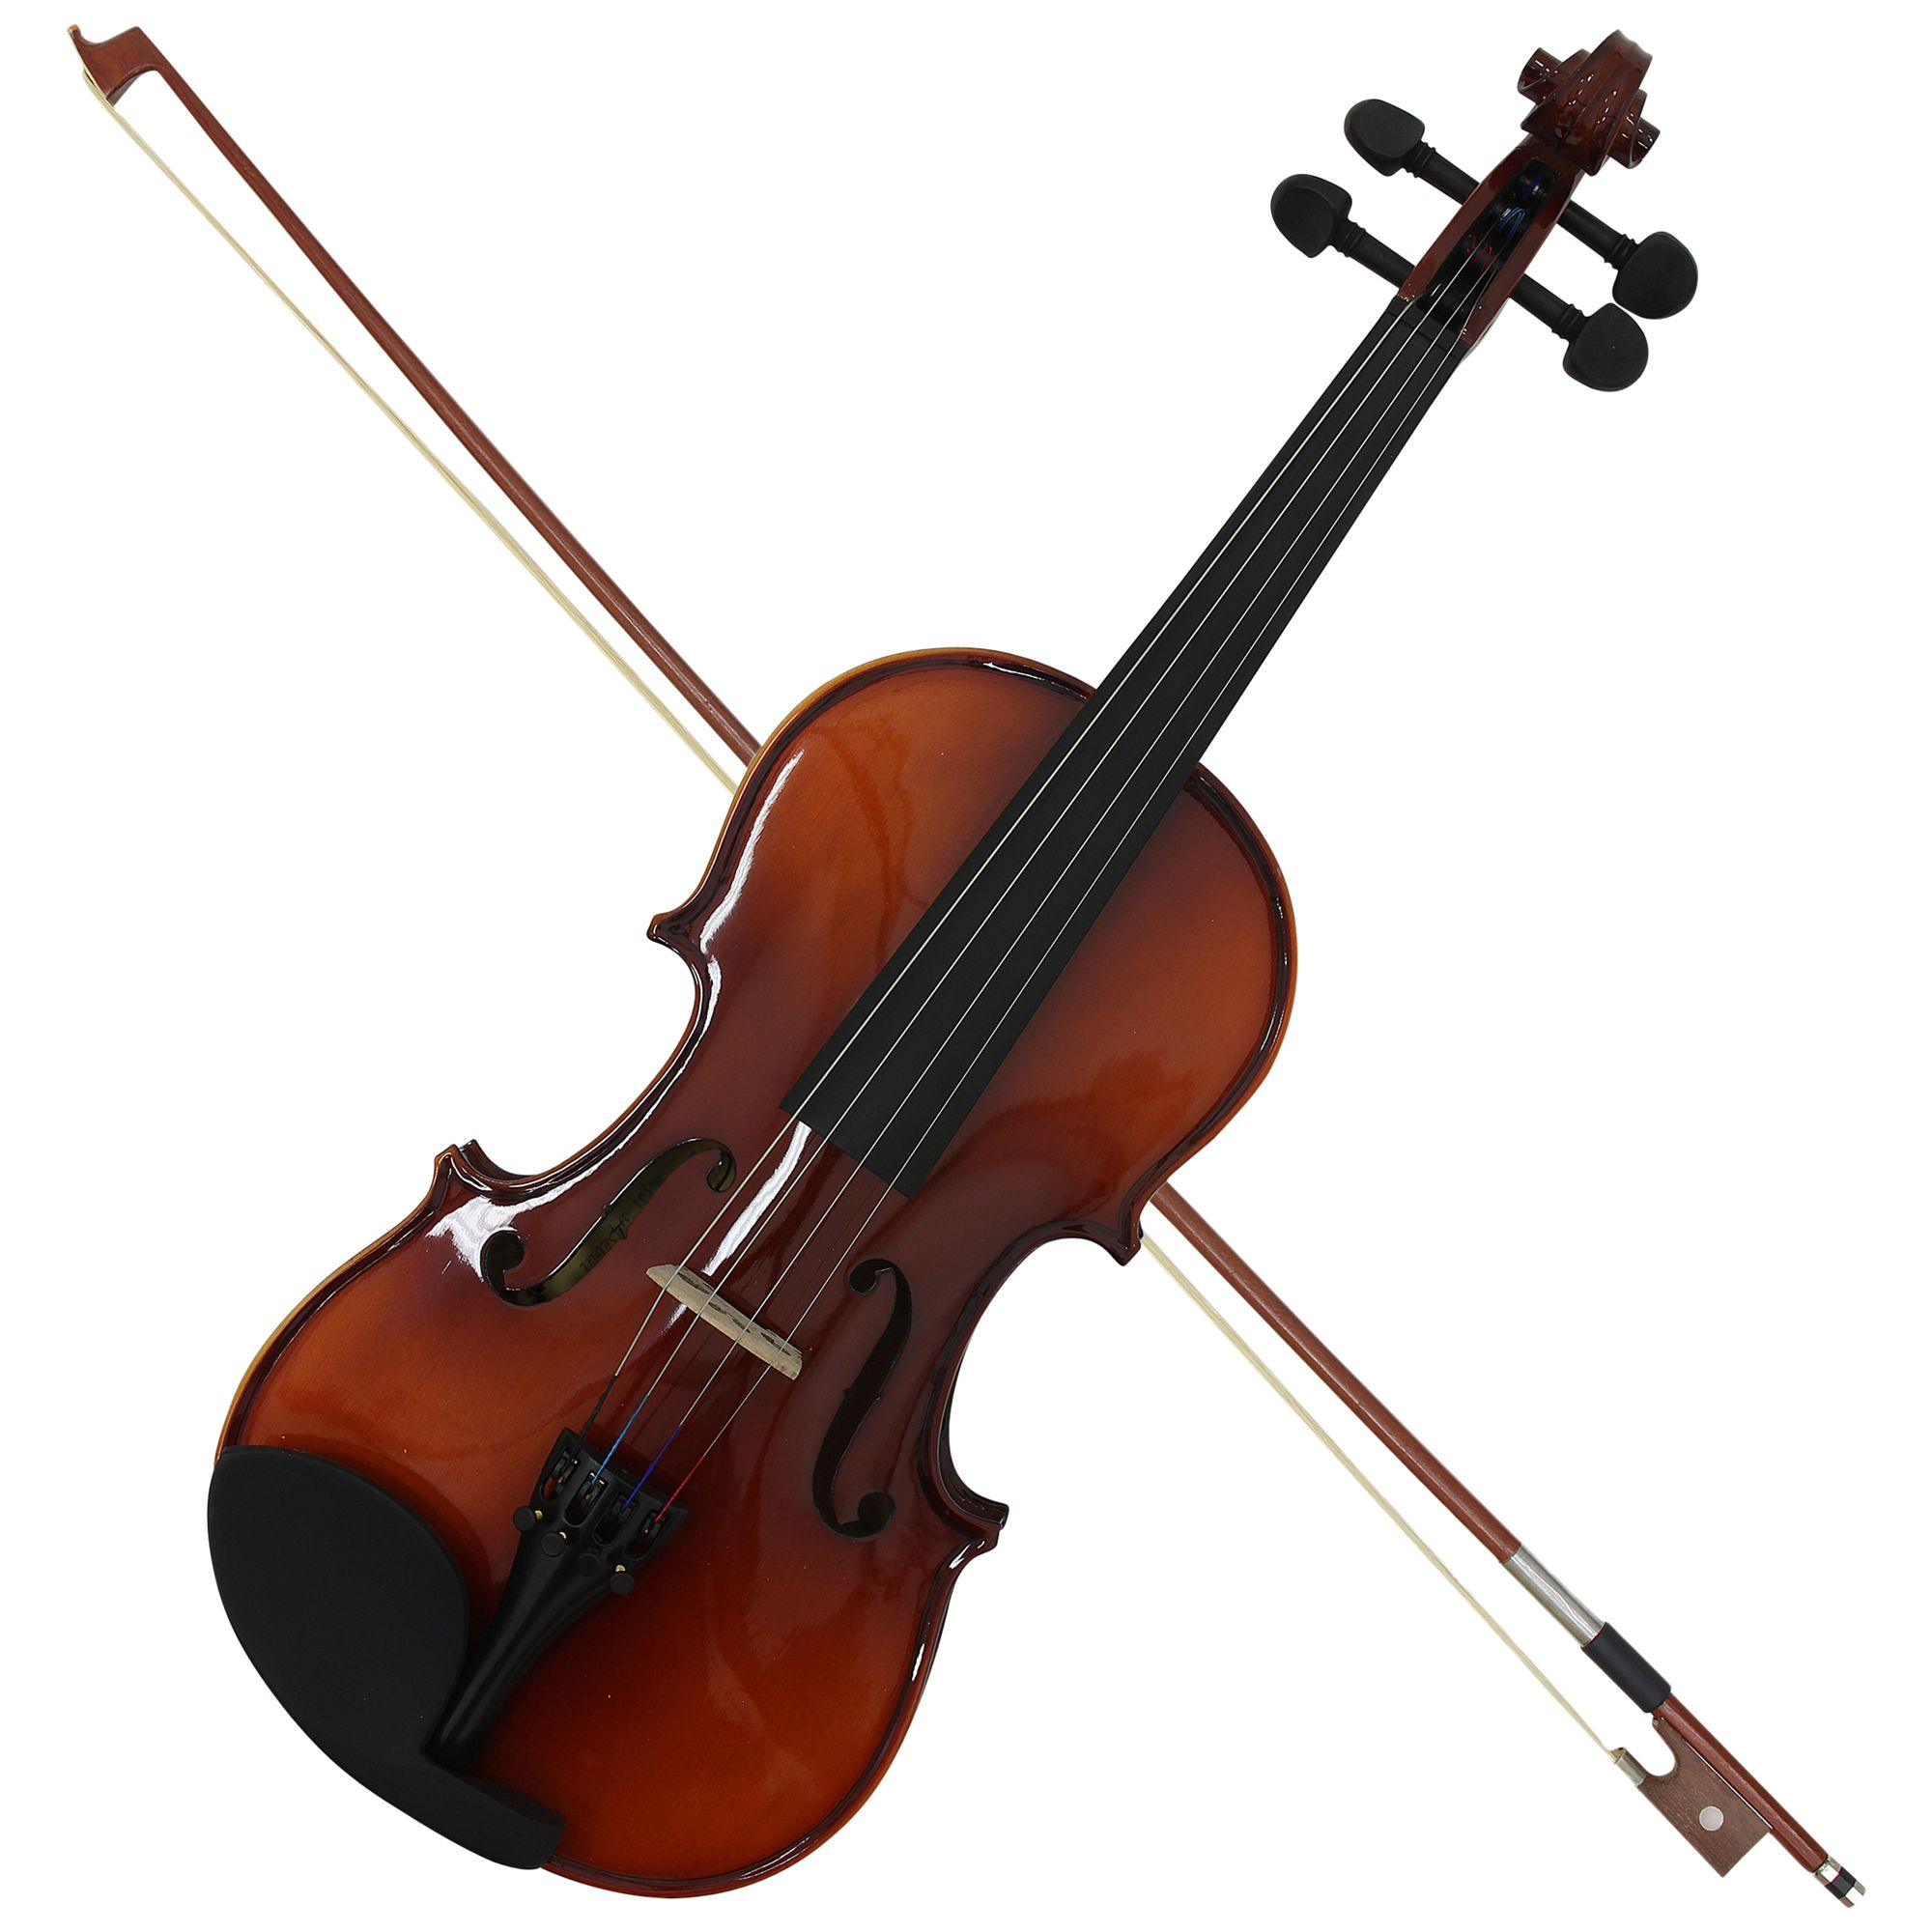 Antoni Antoni Debut 3/4 Violin Outfit